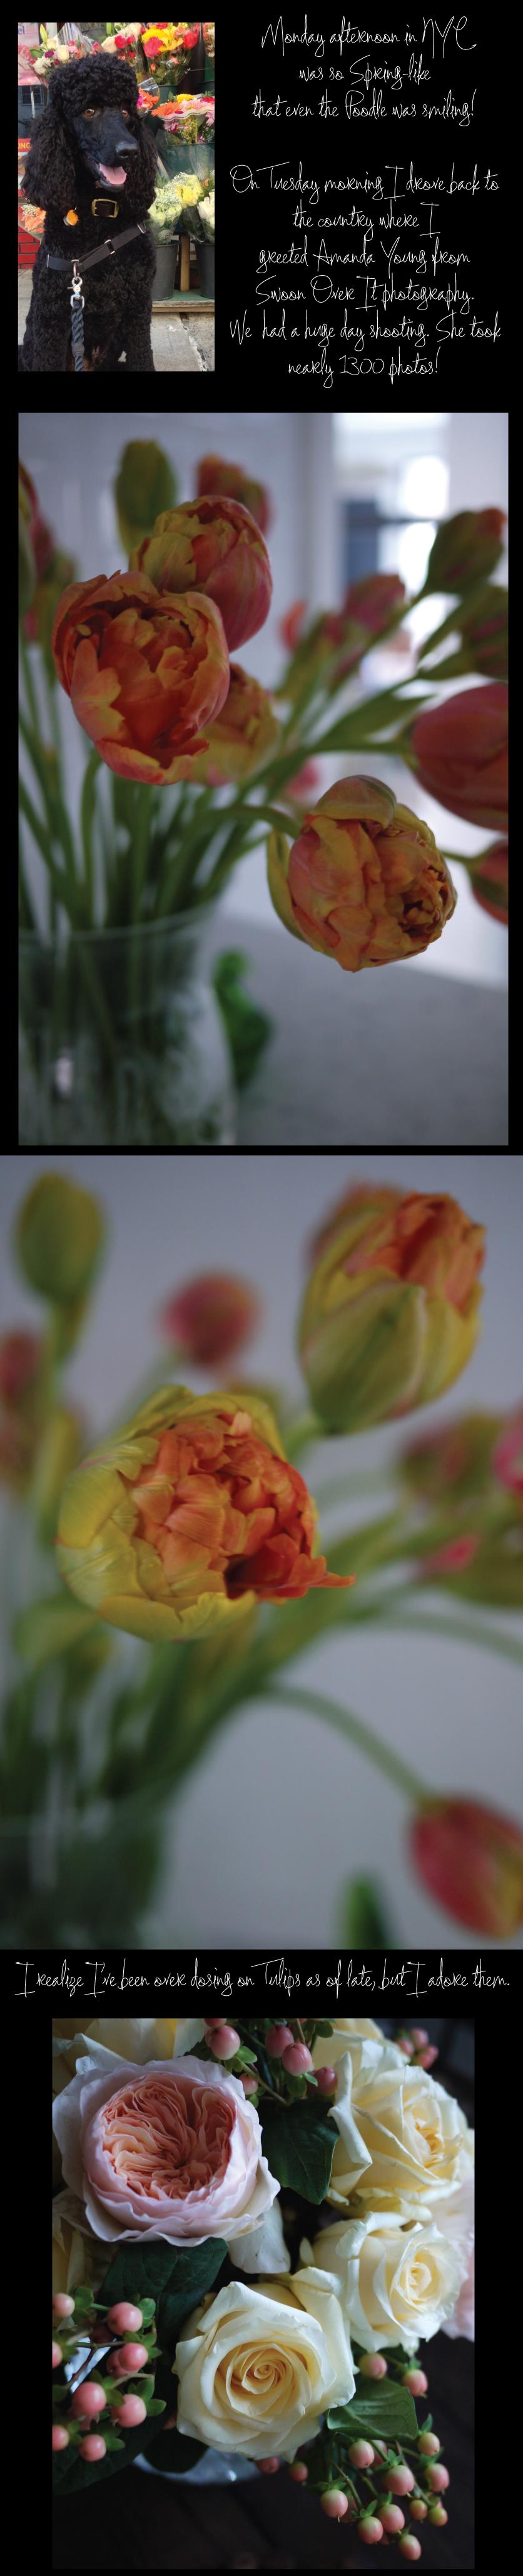 Happy-Poodle-Tulips-Juliet-Roses-Creme-De-La-Creme-Roses